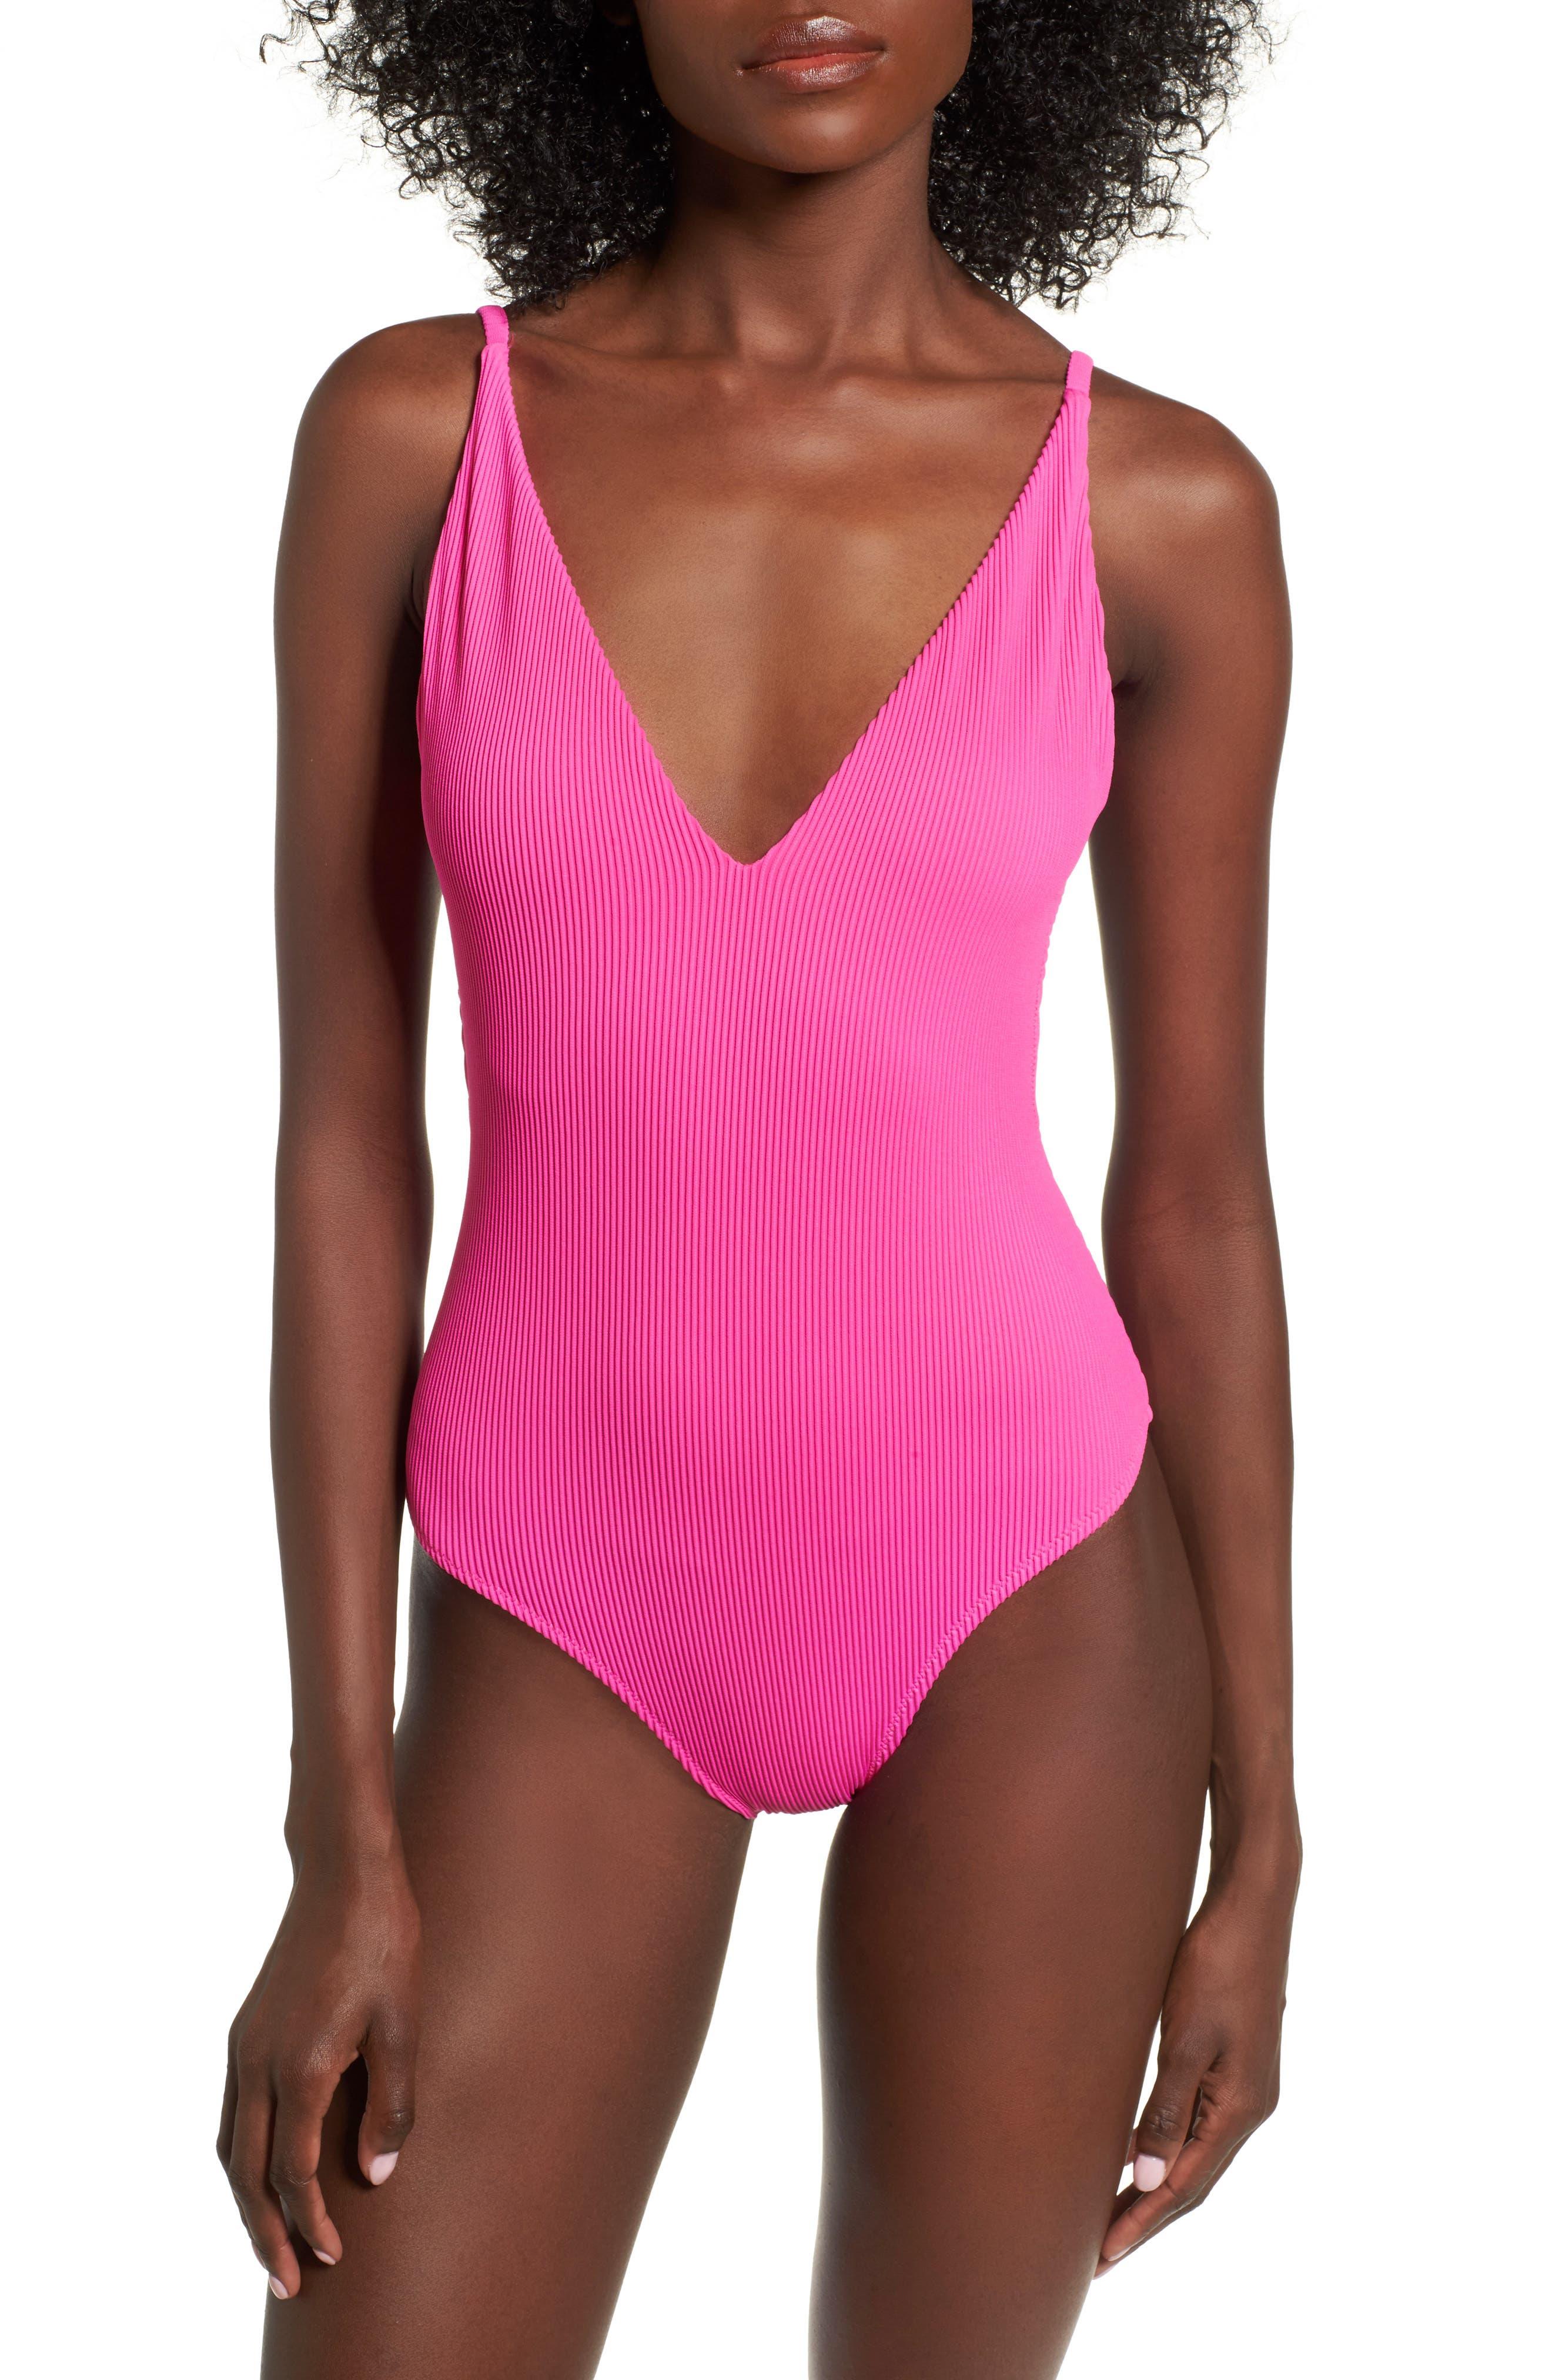 Pamela One-Piece Swimsuit,                             Main thumbnail 1, color,                             650